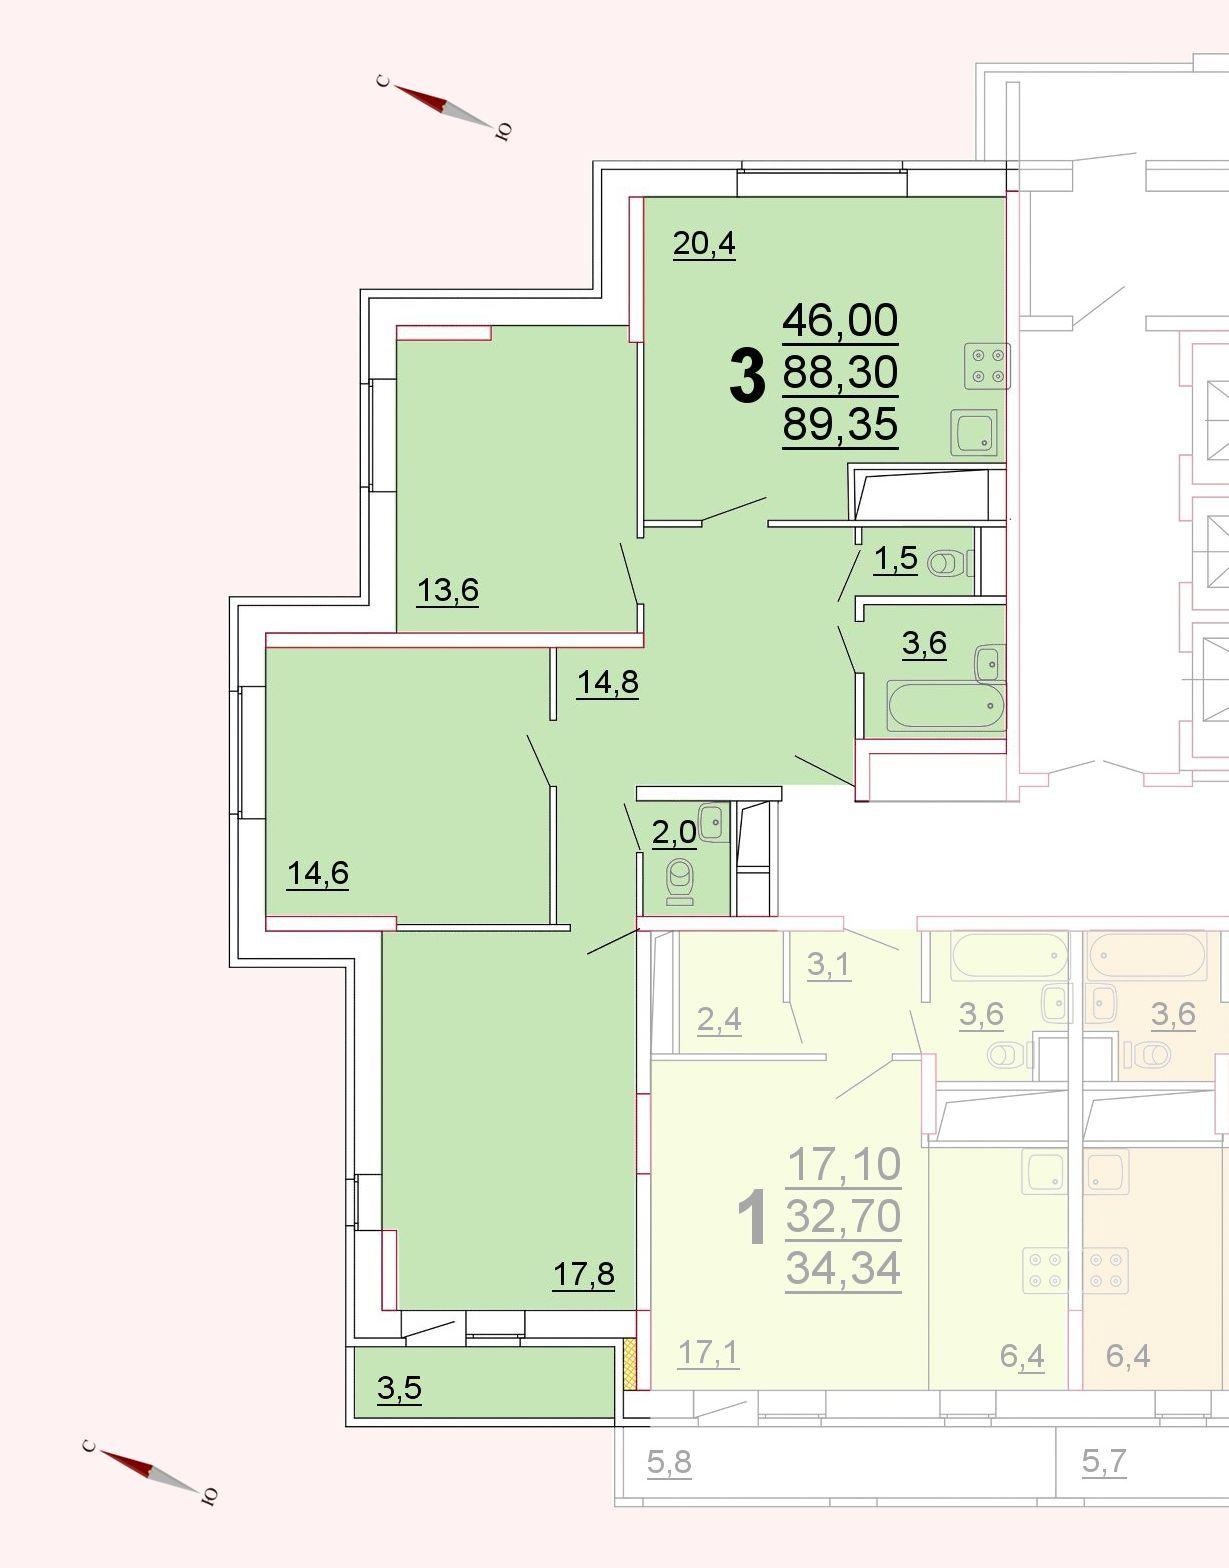 Микрорайон «Центральный», корпус 52г, секция 1, квартира 89,35 м2